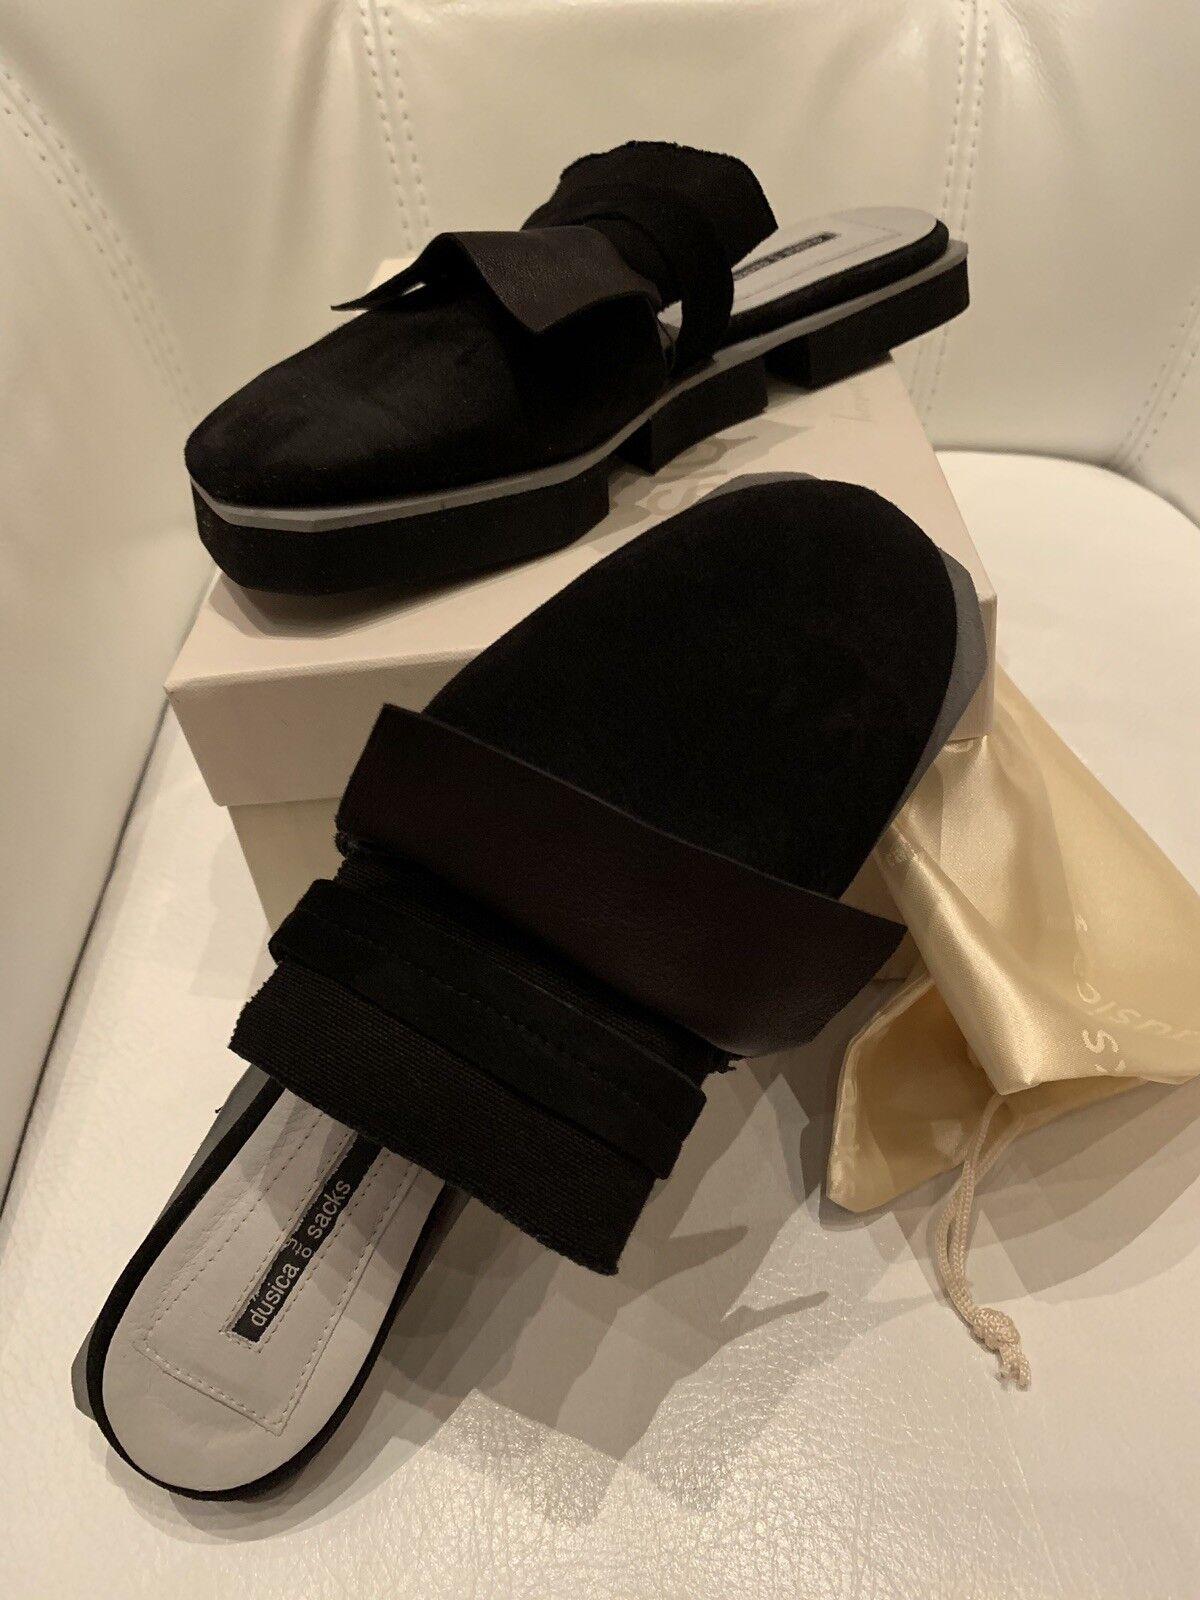 Dusica sacos sacos sacos Mulas Zapatillas Zapatos  alta calidad y envío rápido